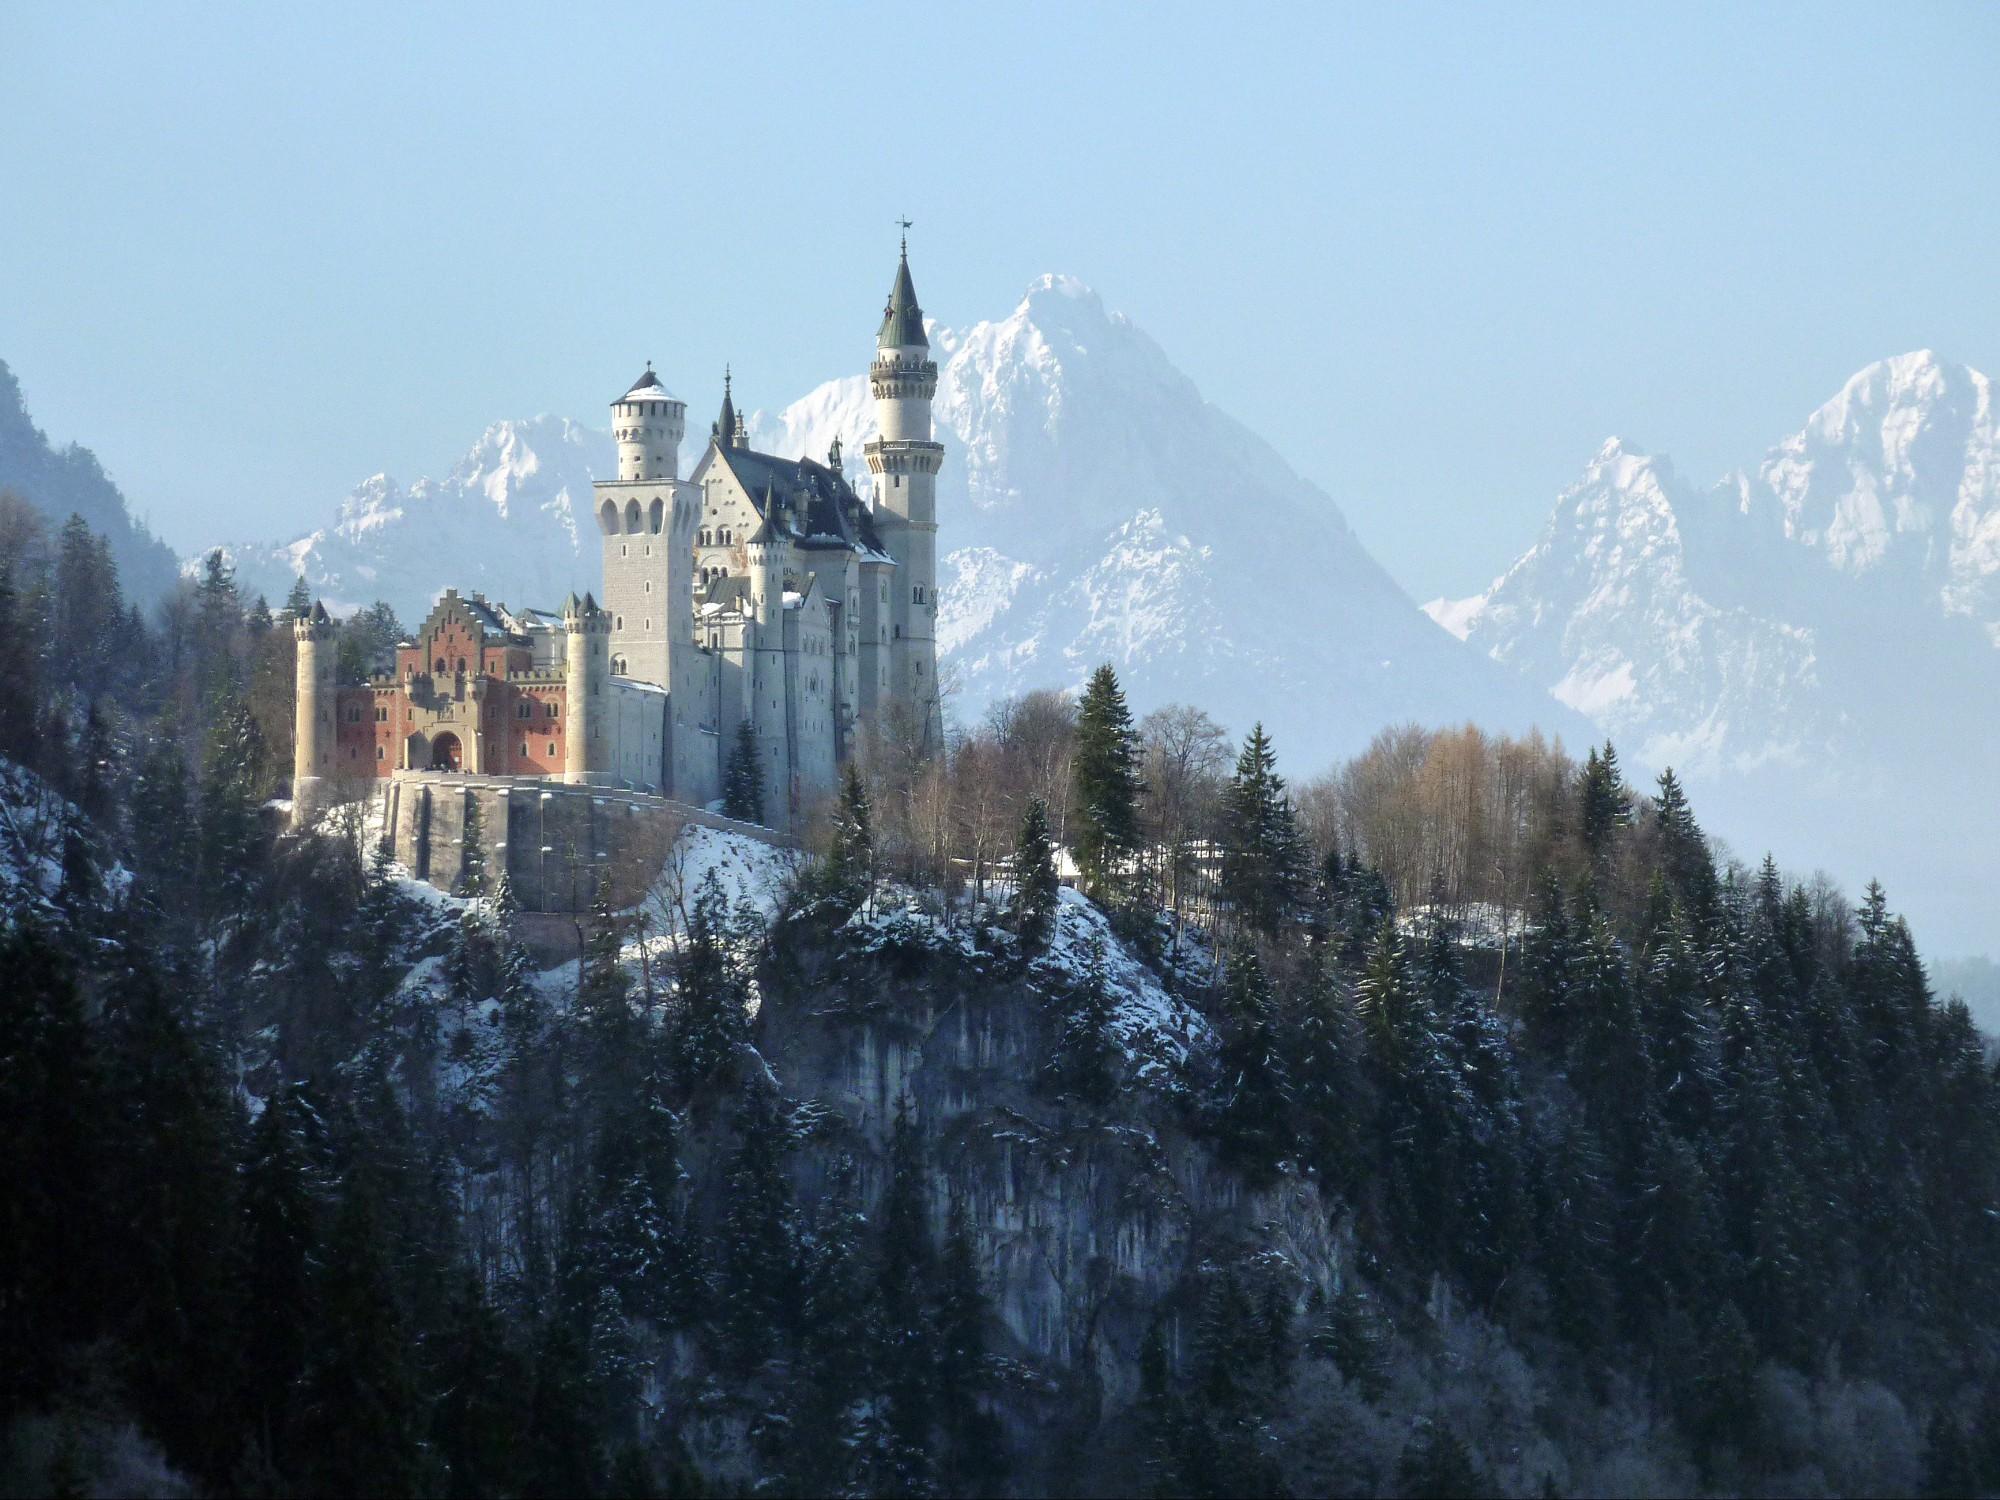 Beliebtes Ausflugsziel im Allgäu: Schloss Neuschwanstein